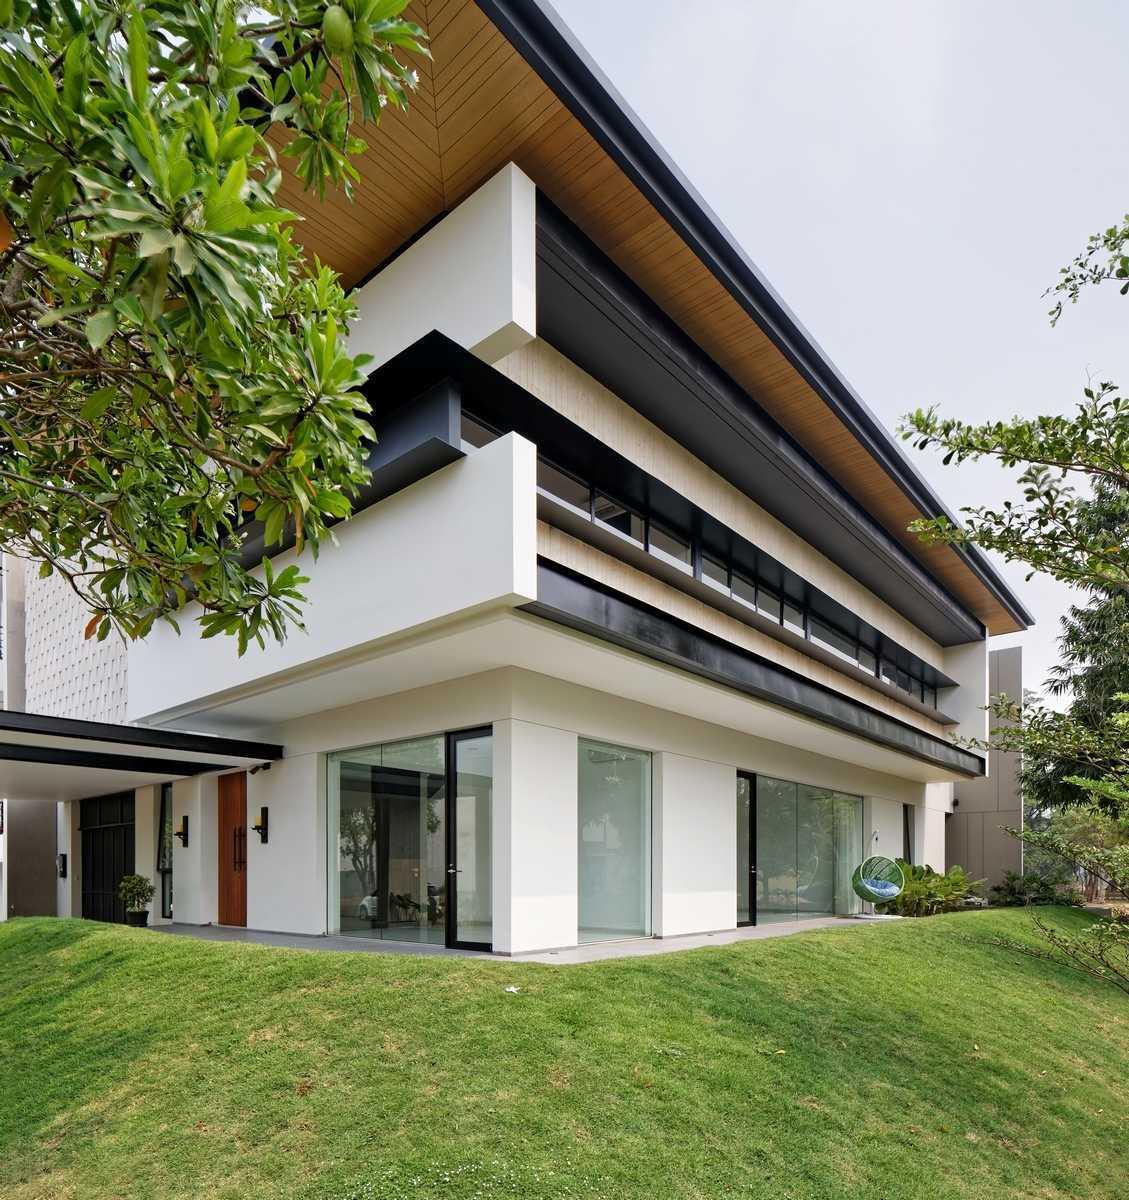 Axialstudio Rs House Alam Sutera - Tangerang Alam Sutera - Tangerang Facade View Tropical  29247